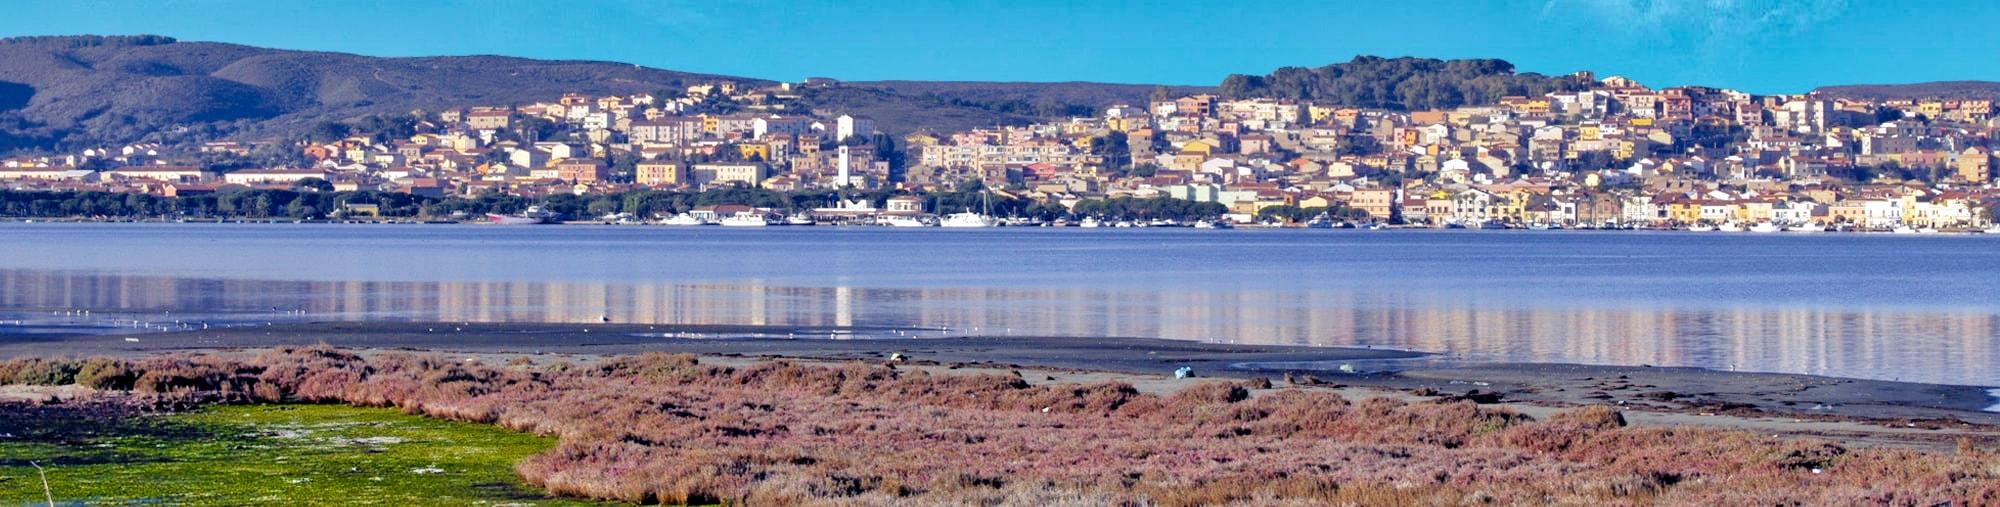 Isola di Sant'Antioco (CI)